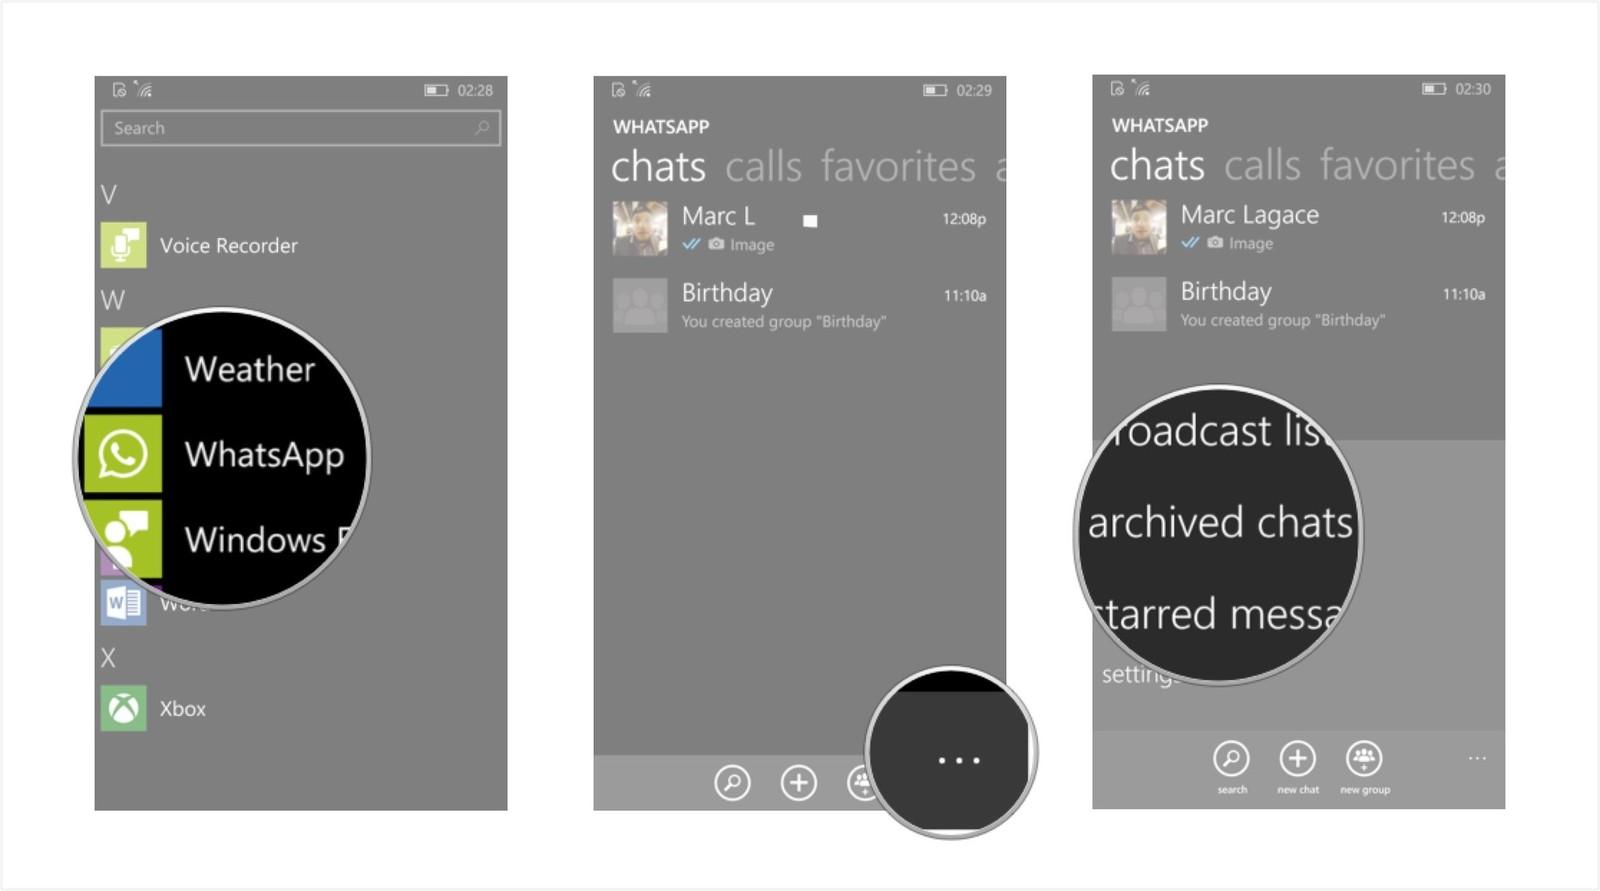 Как сохранить переписку и создать резервную копию в WhatsApp - разархивировать чат